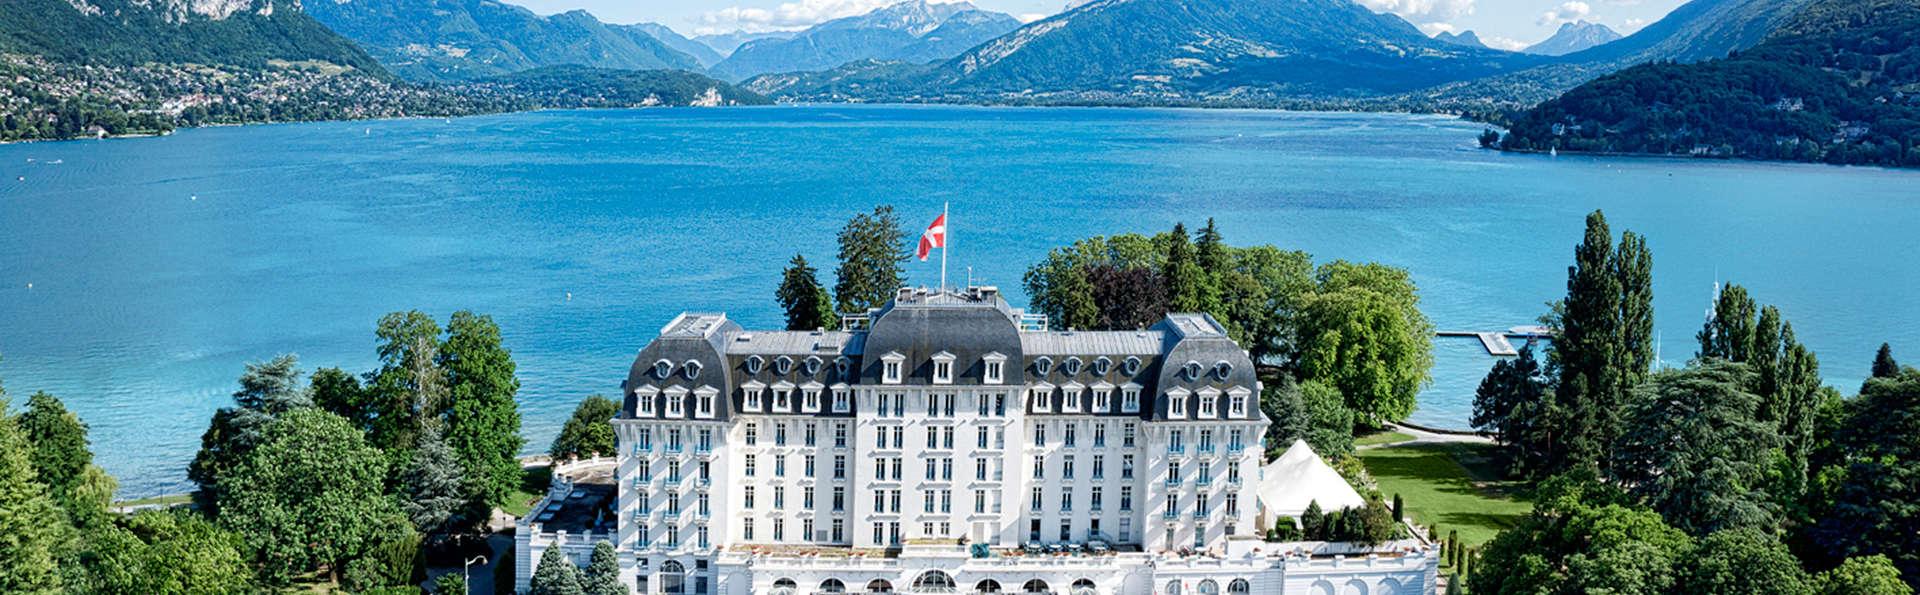 Week-end détente avec accès spa offert, au bord du lac d'Annecy